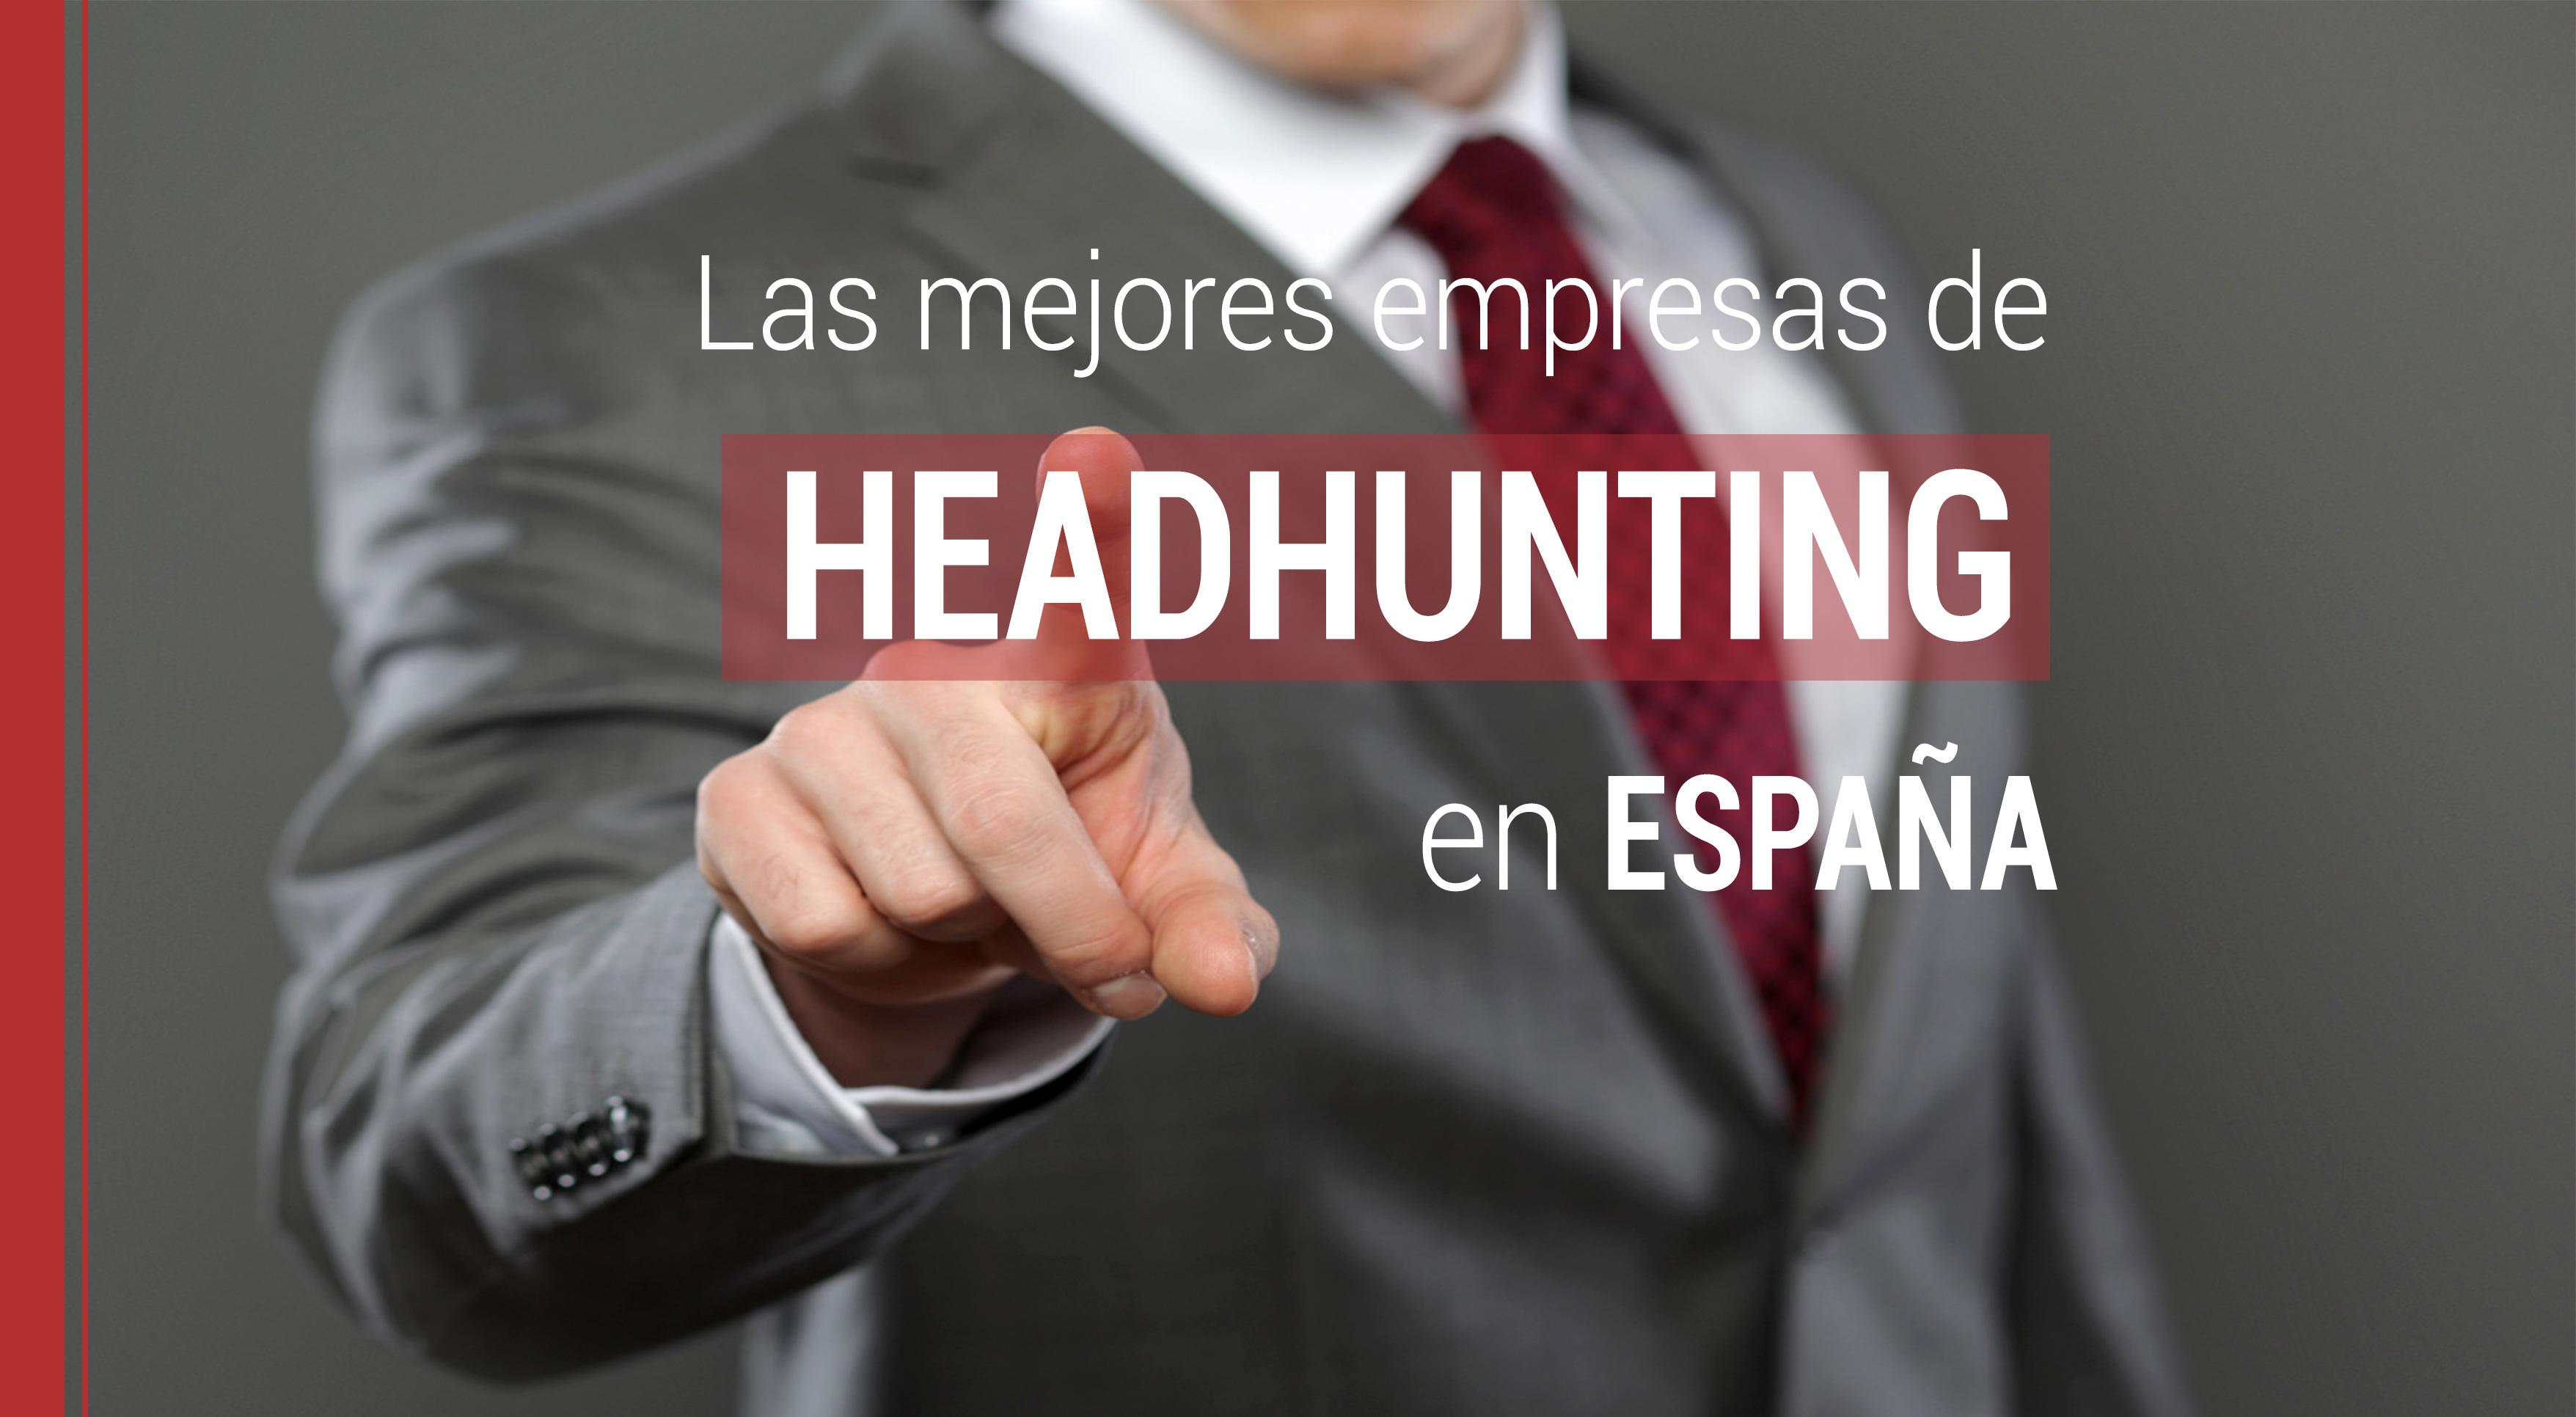 mejores-empresas-headhunting-en-espana Las mejores empresas de headhunting en España